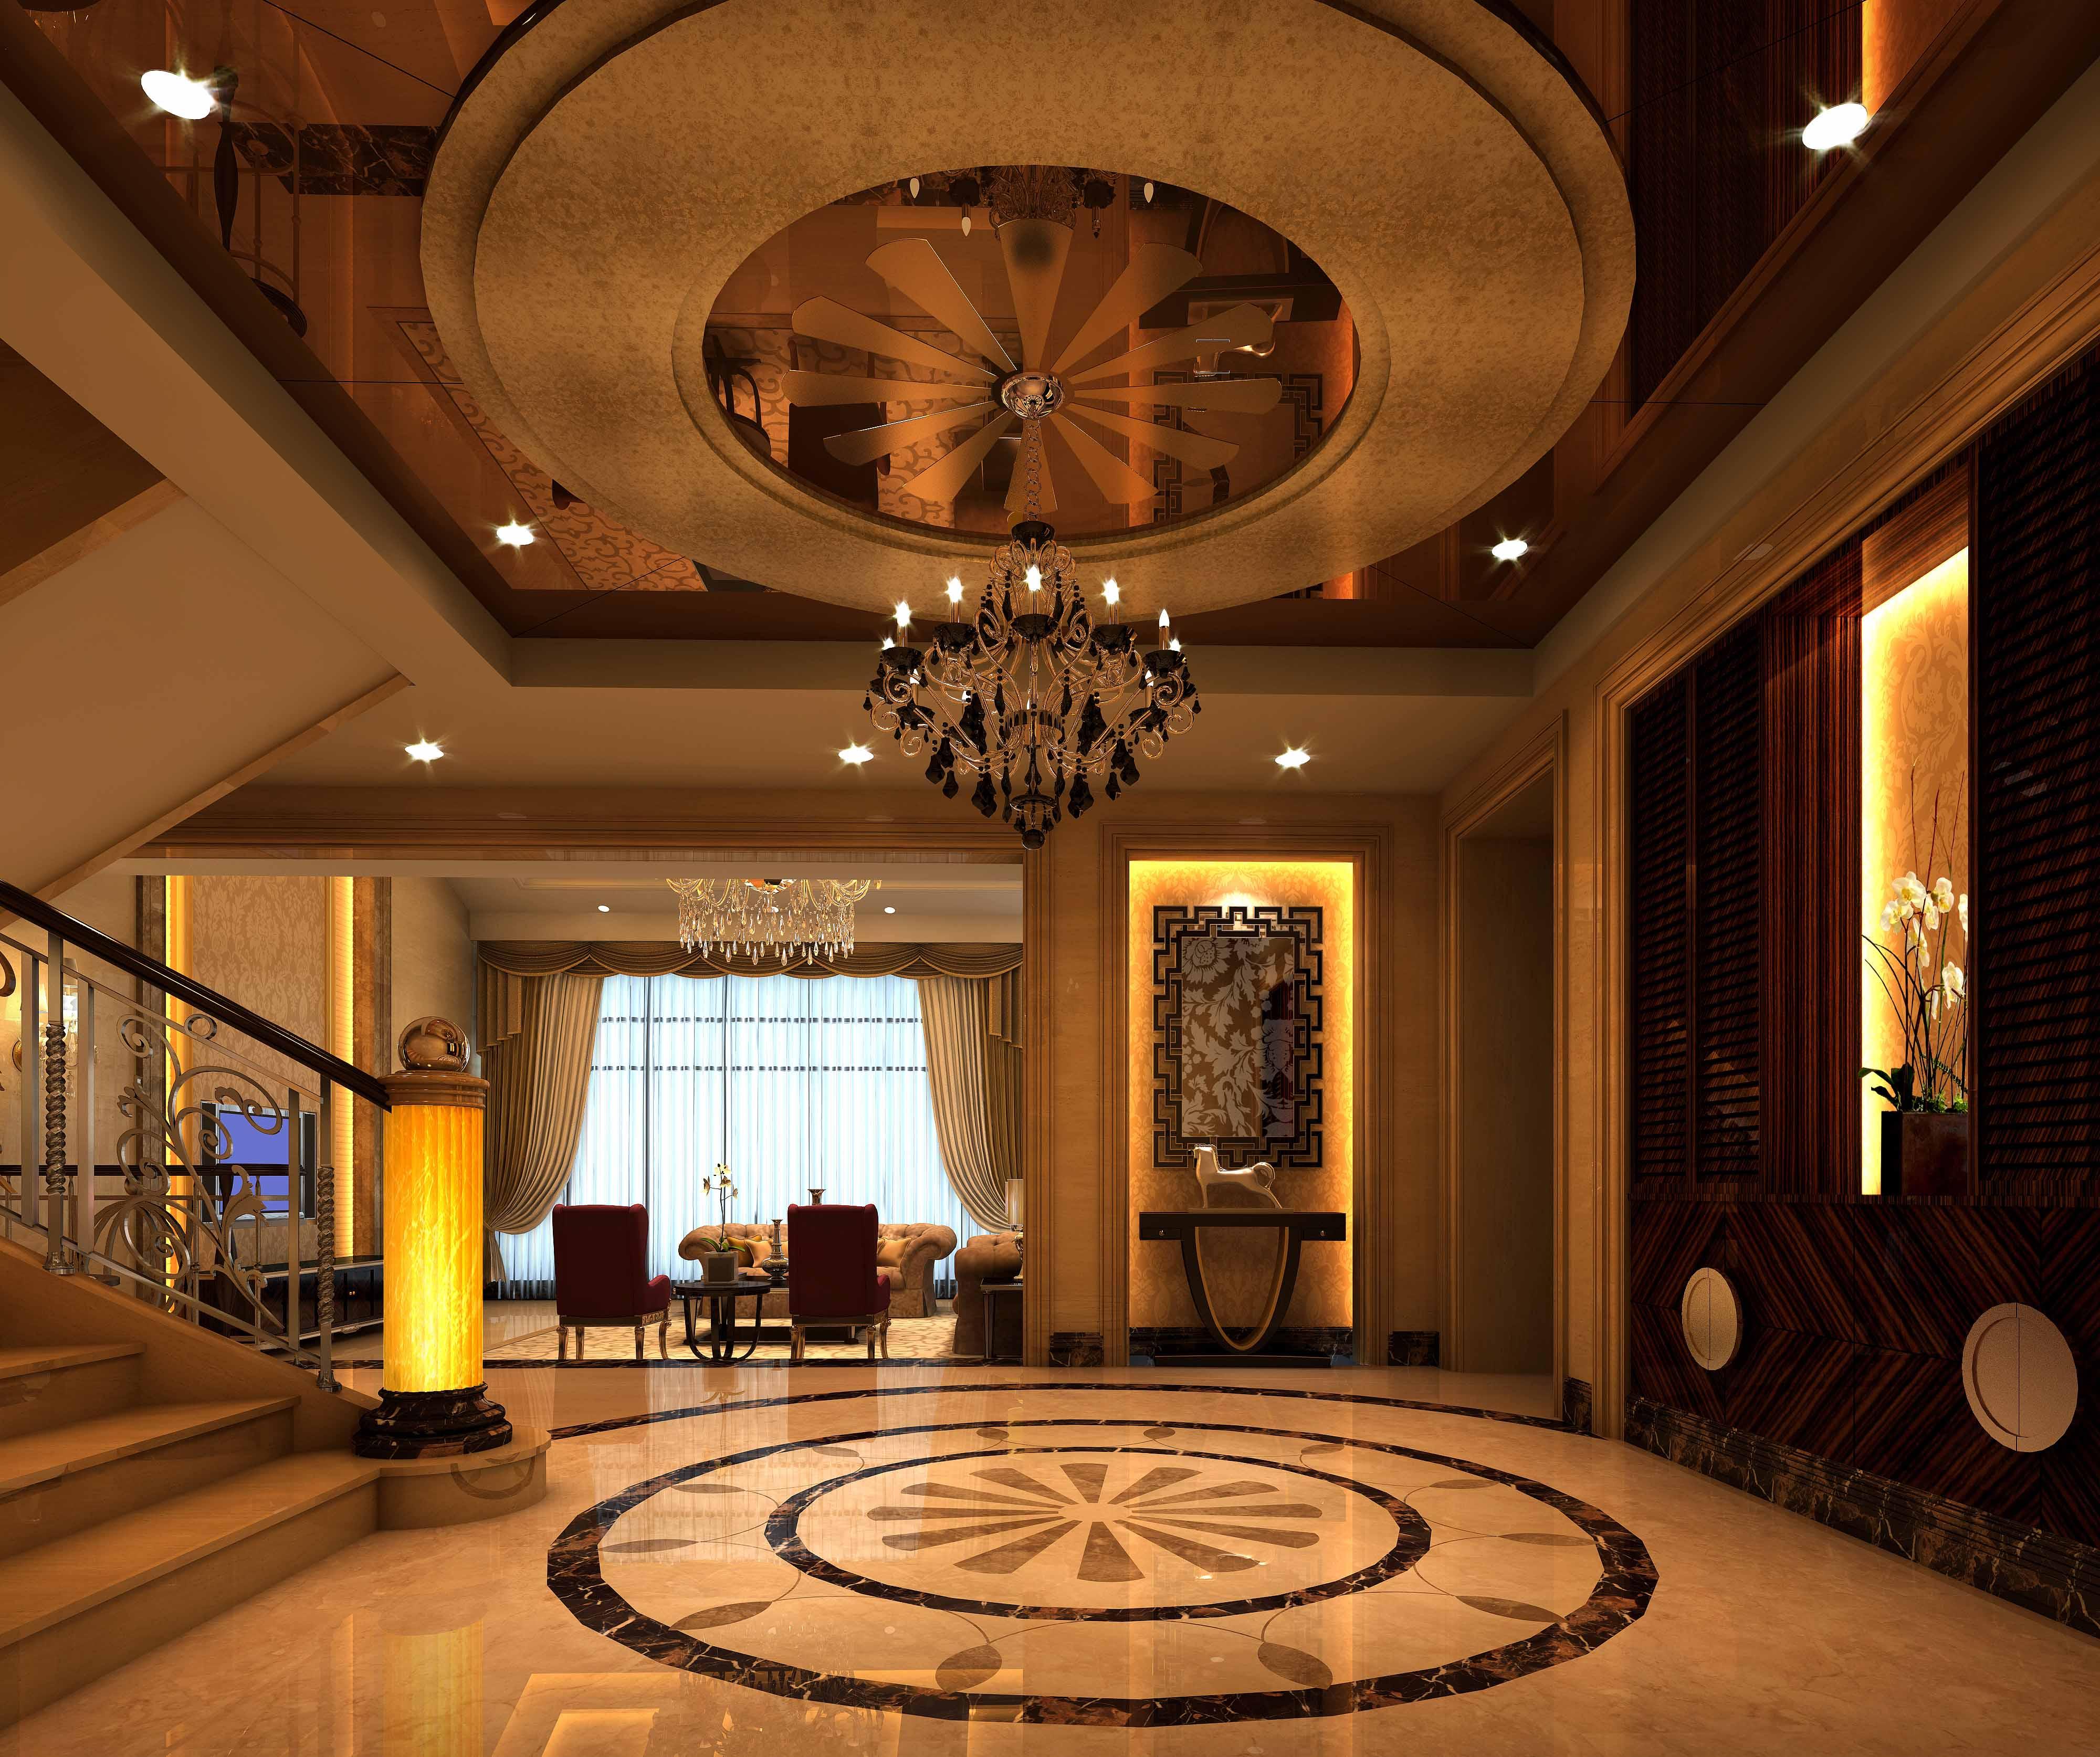 首页 上海知惠建筑装饰工程有限公司 案例展示 御景园欧式别墅设计